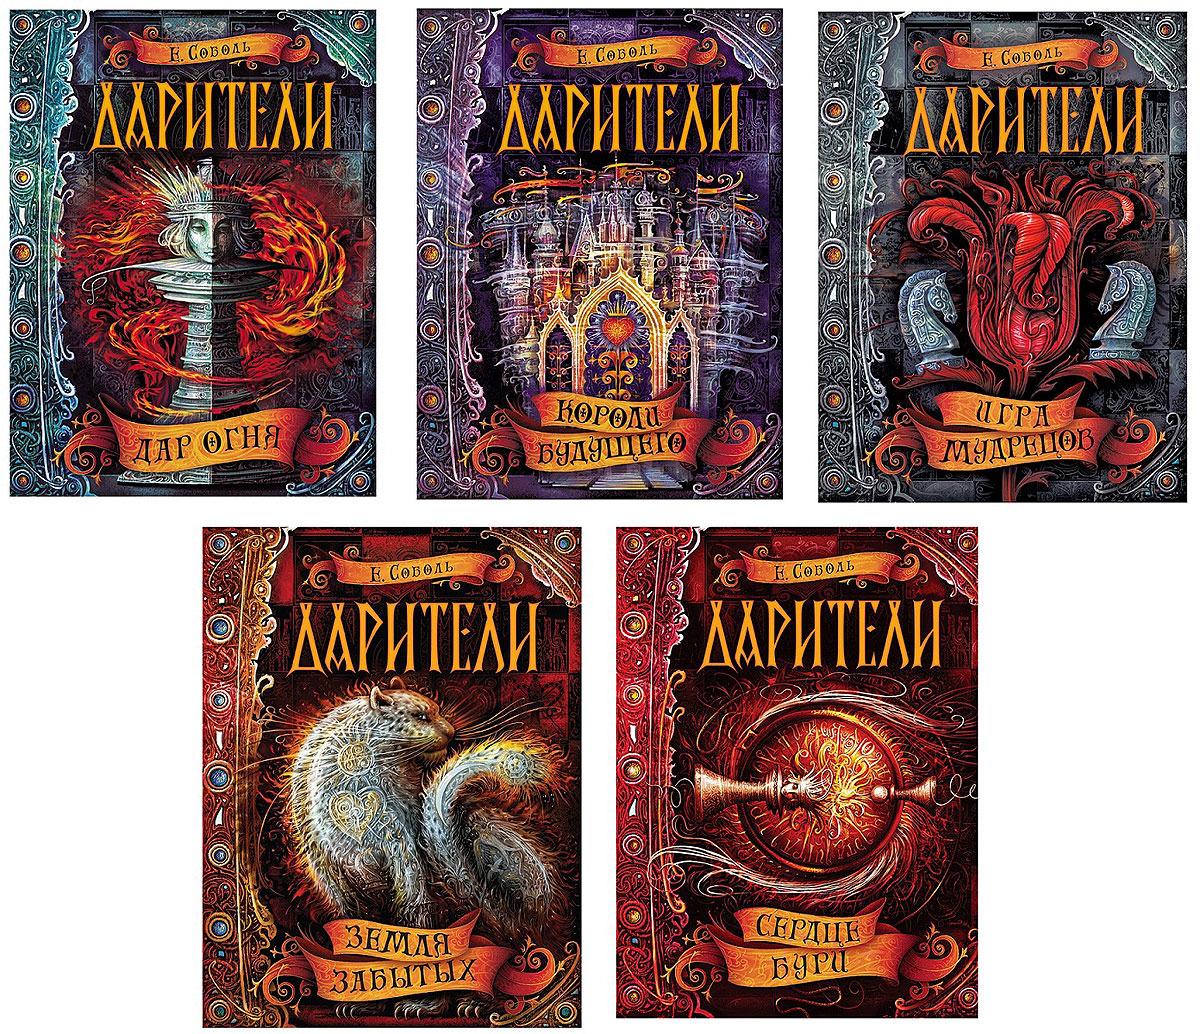 Соболь Е. Дарители (подарочный комплект из 5 книг)